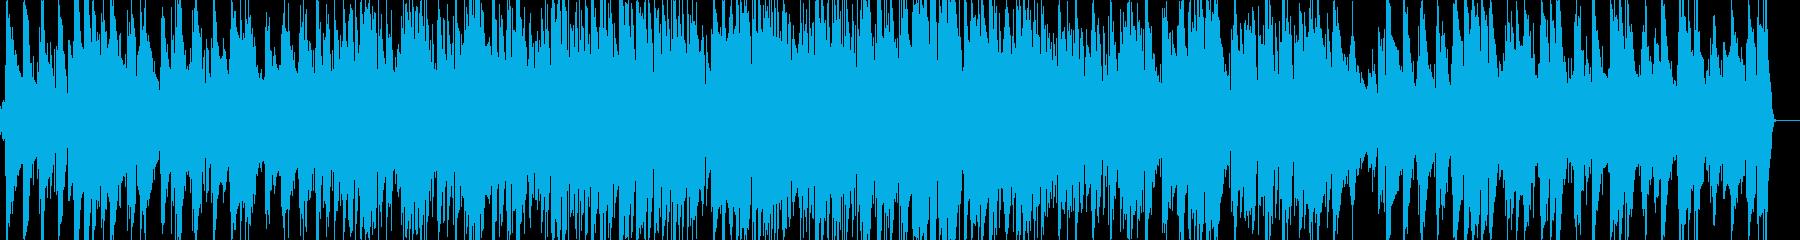 ベートーベンのジャズピアノの再生済みの波形